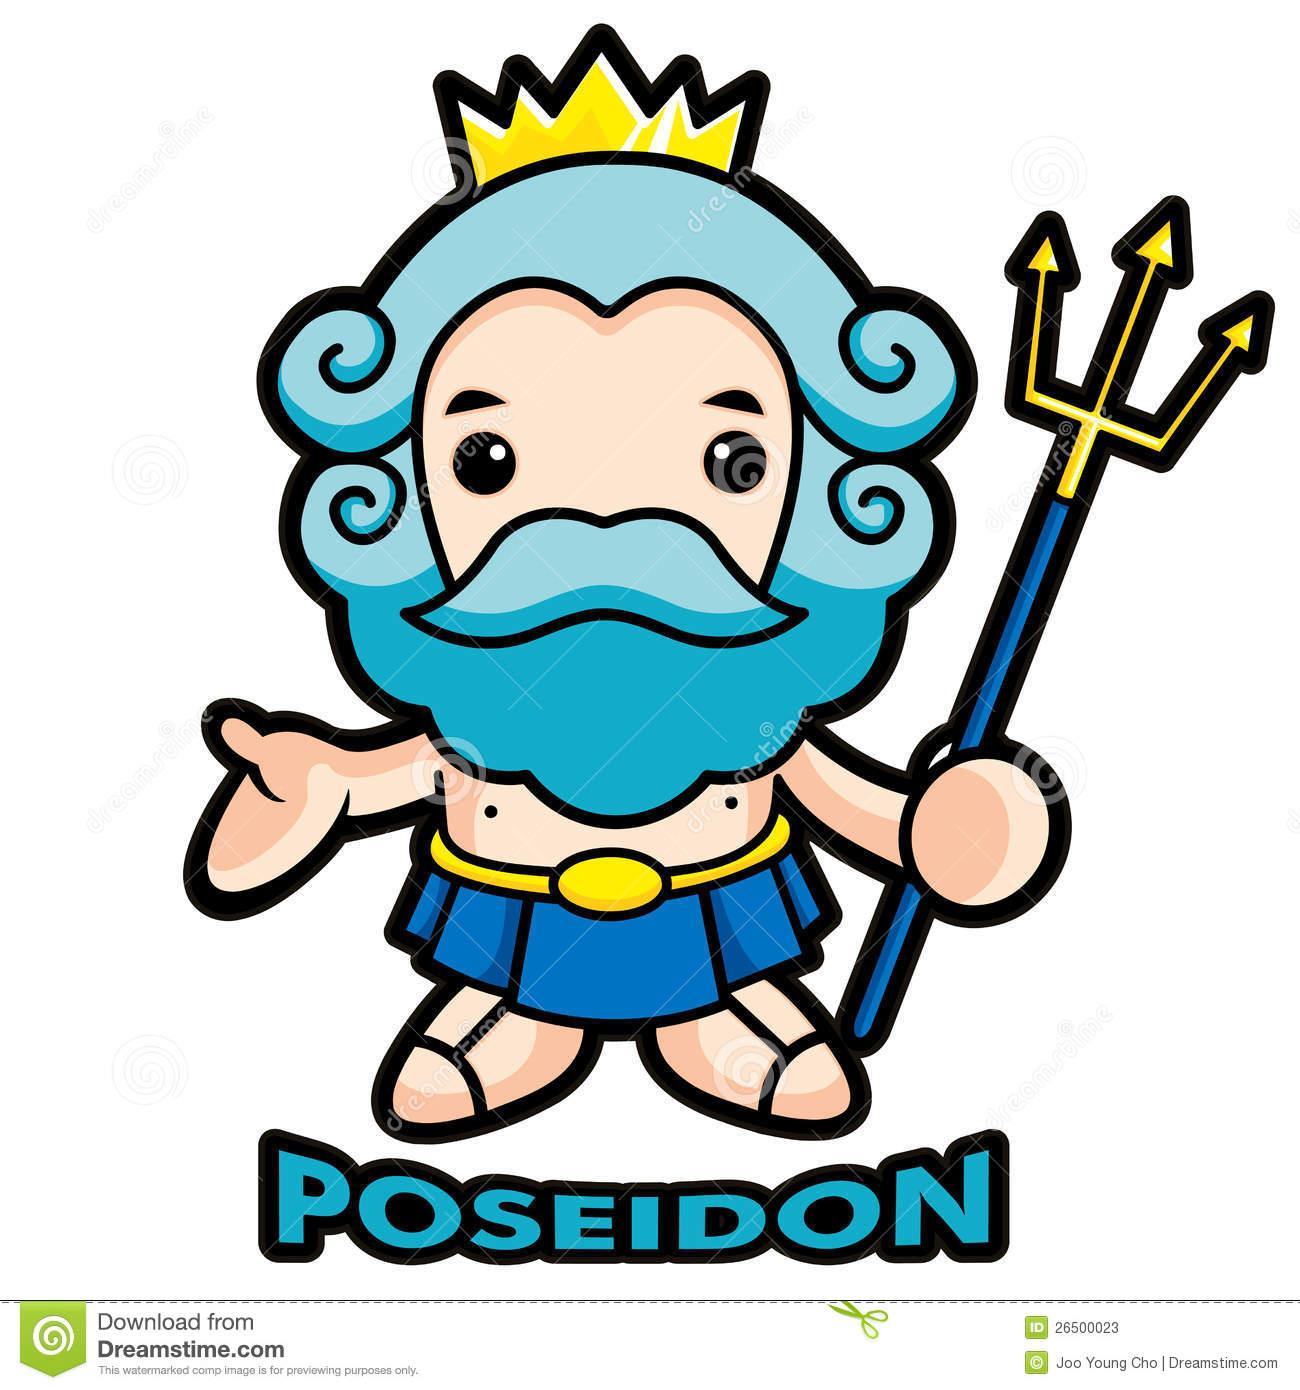 Poseidon Clipart & Poseidon Clip Art Images.